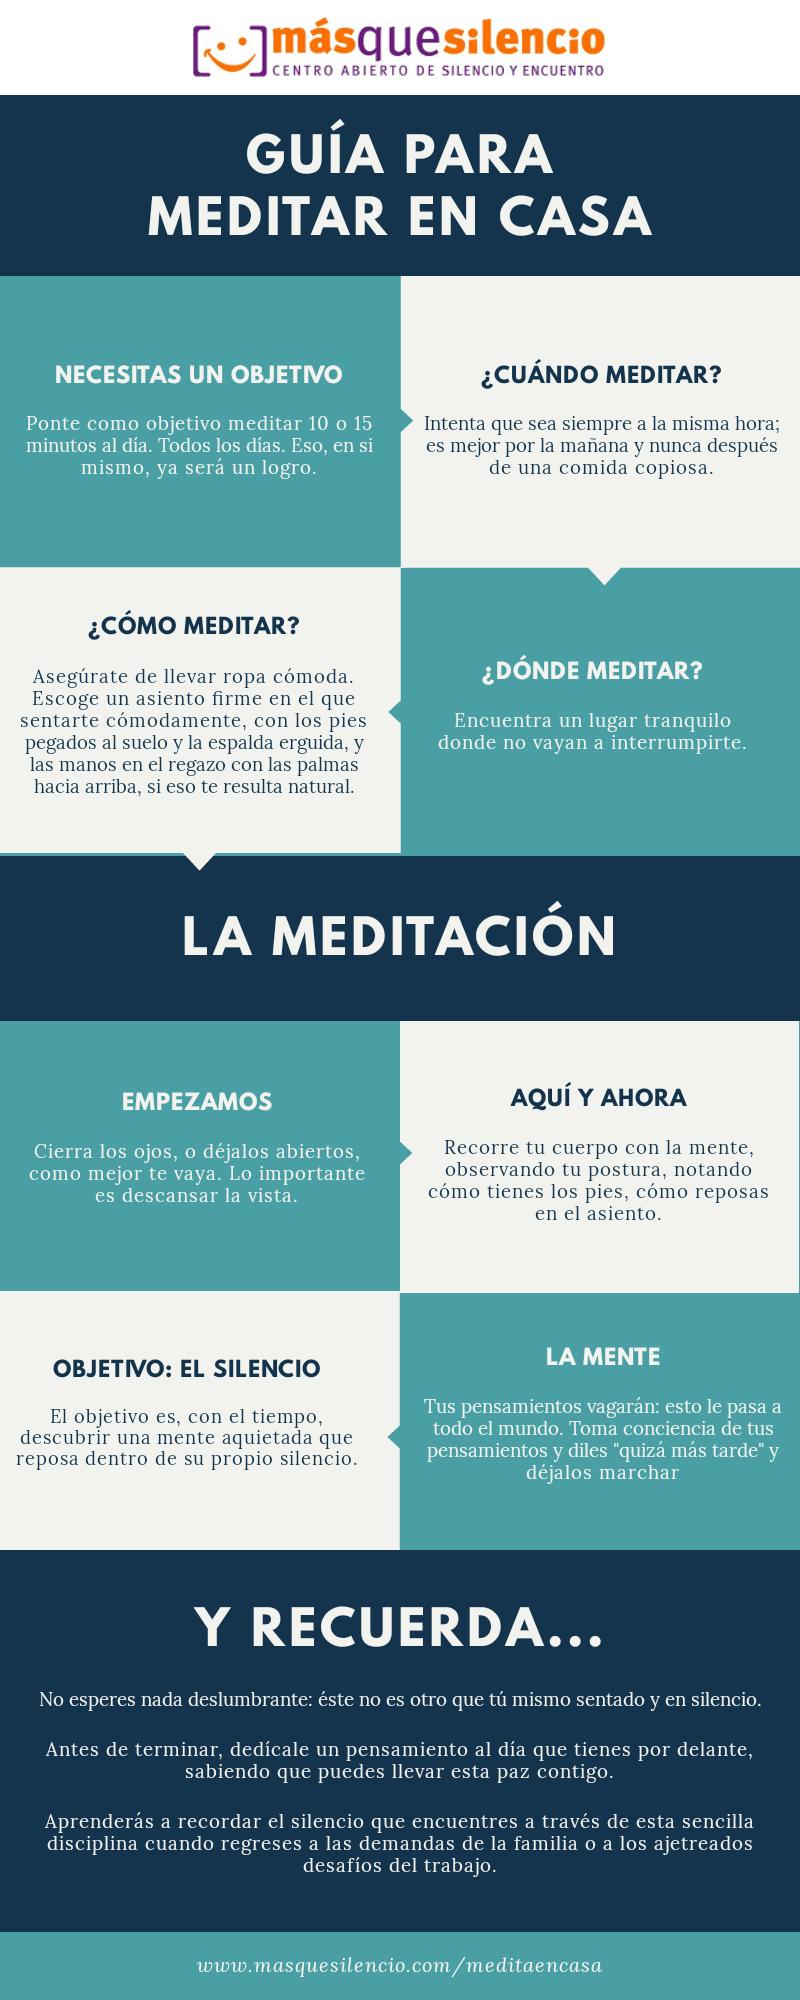 Infografía Meditar en Casa MQS